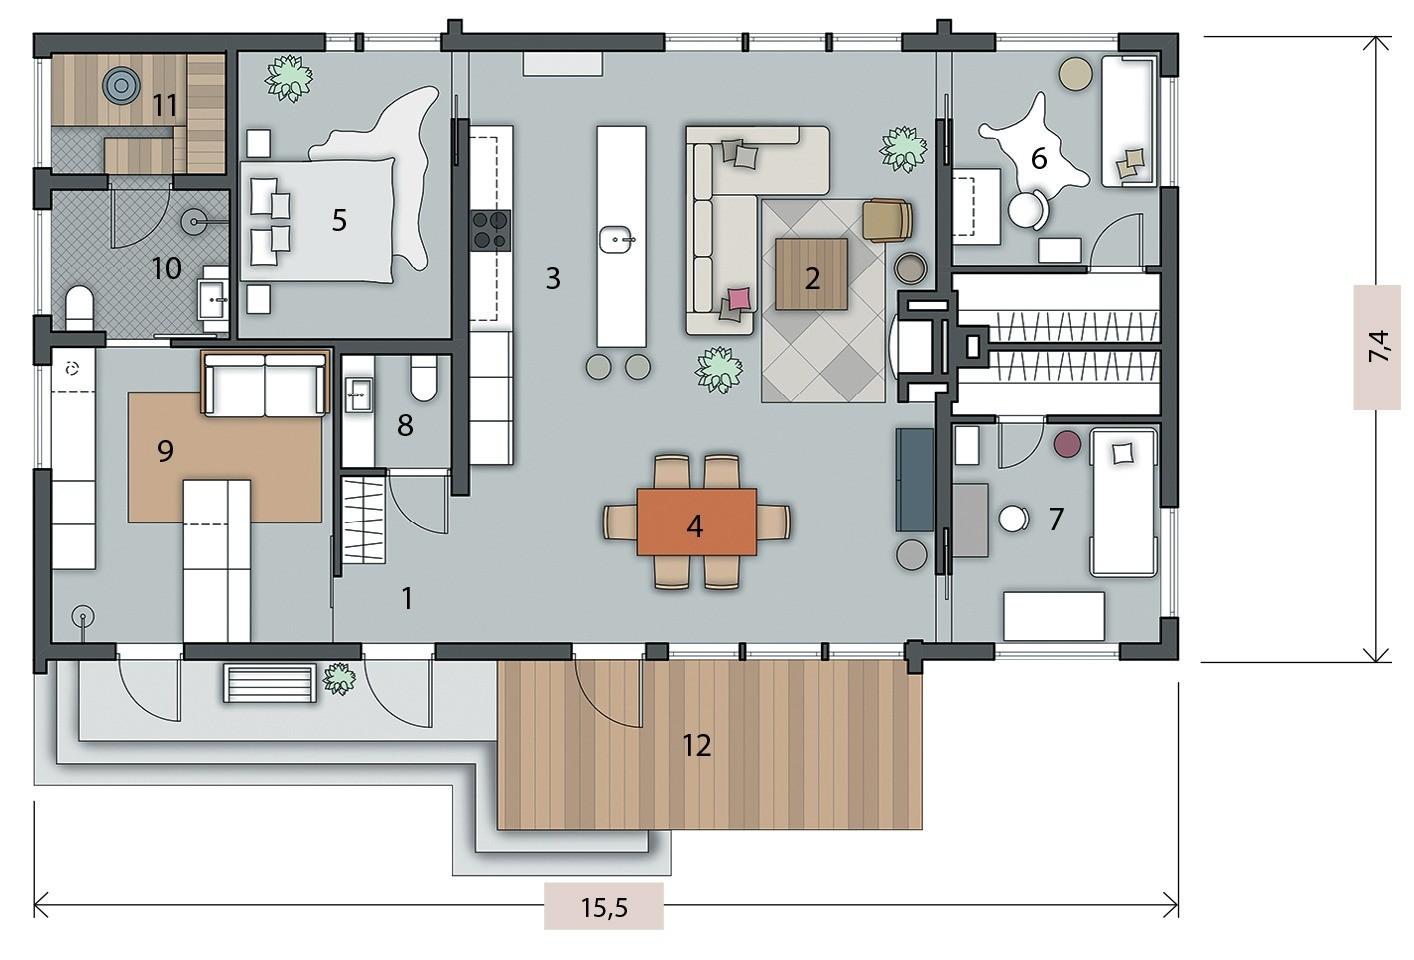 Экспликация: 1. Прихожая4 м2 2. Зона гостиной27 м2 3. Зона кухни9,6 м2 4. Зона столовой12,5 м2 5. Спалaьня родителей11,3 м2 6. Детская11,3 м2 7. Детская11,3 м2 8. Санузел2,3 м2 9....